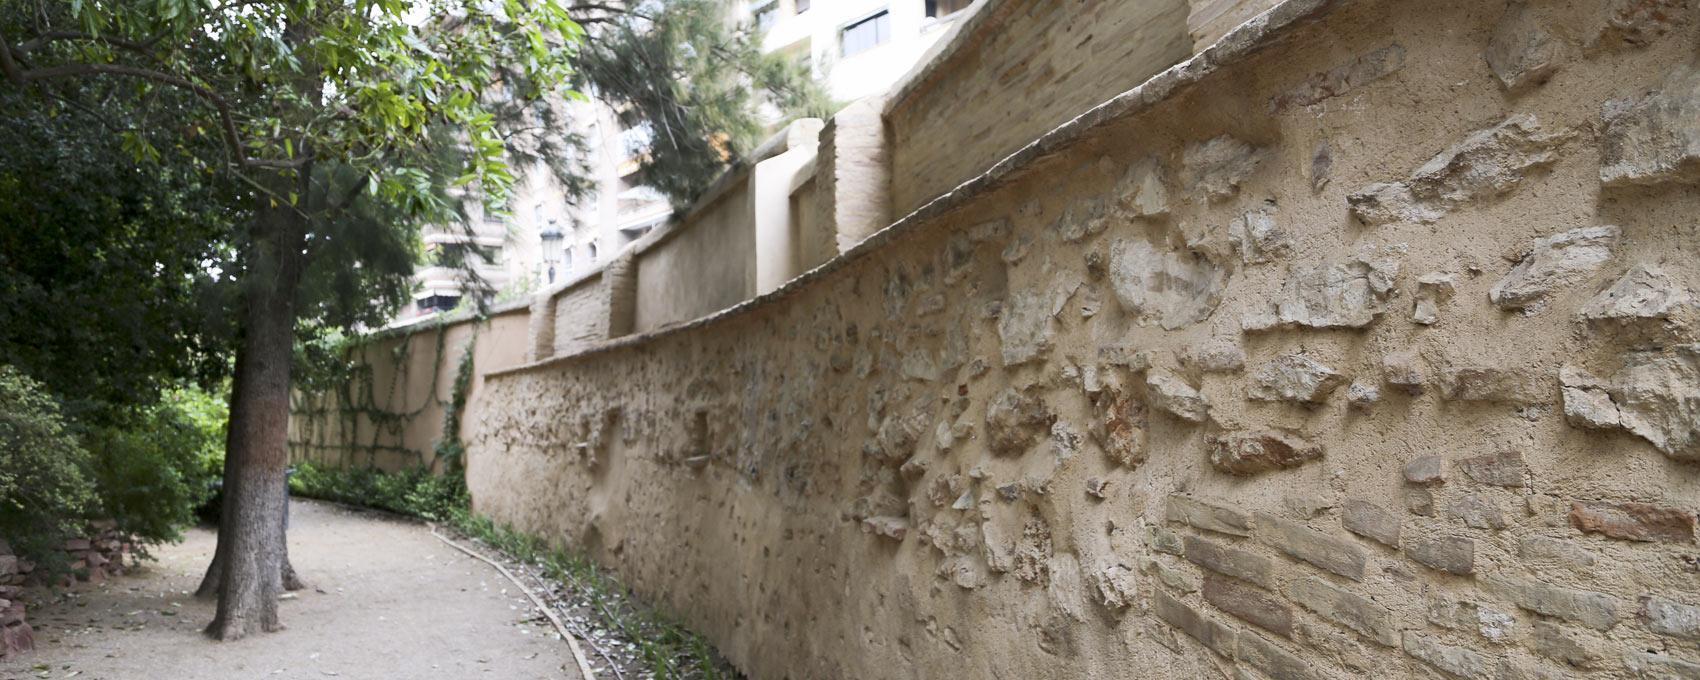 El muro perimetral de mampostería es el típico cerramiento de la época para proteger la propiedad. Como curiosidad se pueden ver los cuernos de cabra que hay incrustados en los muros, de los que se desconoce su procedencia o utilidad.